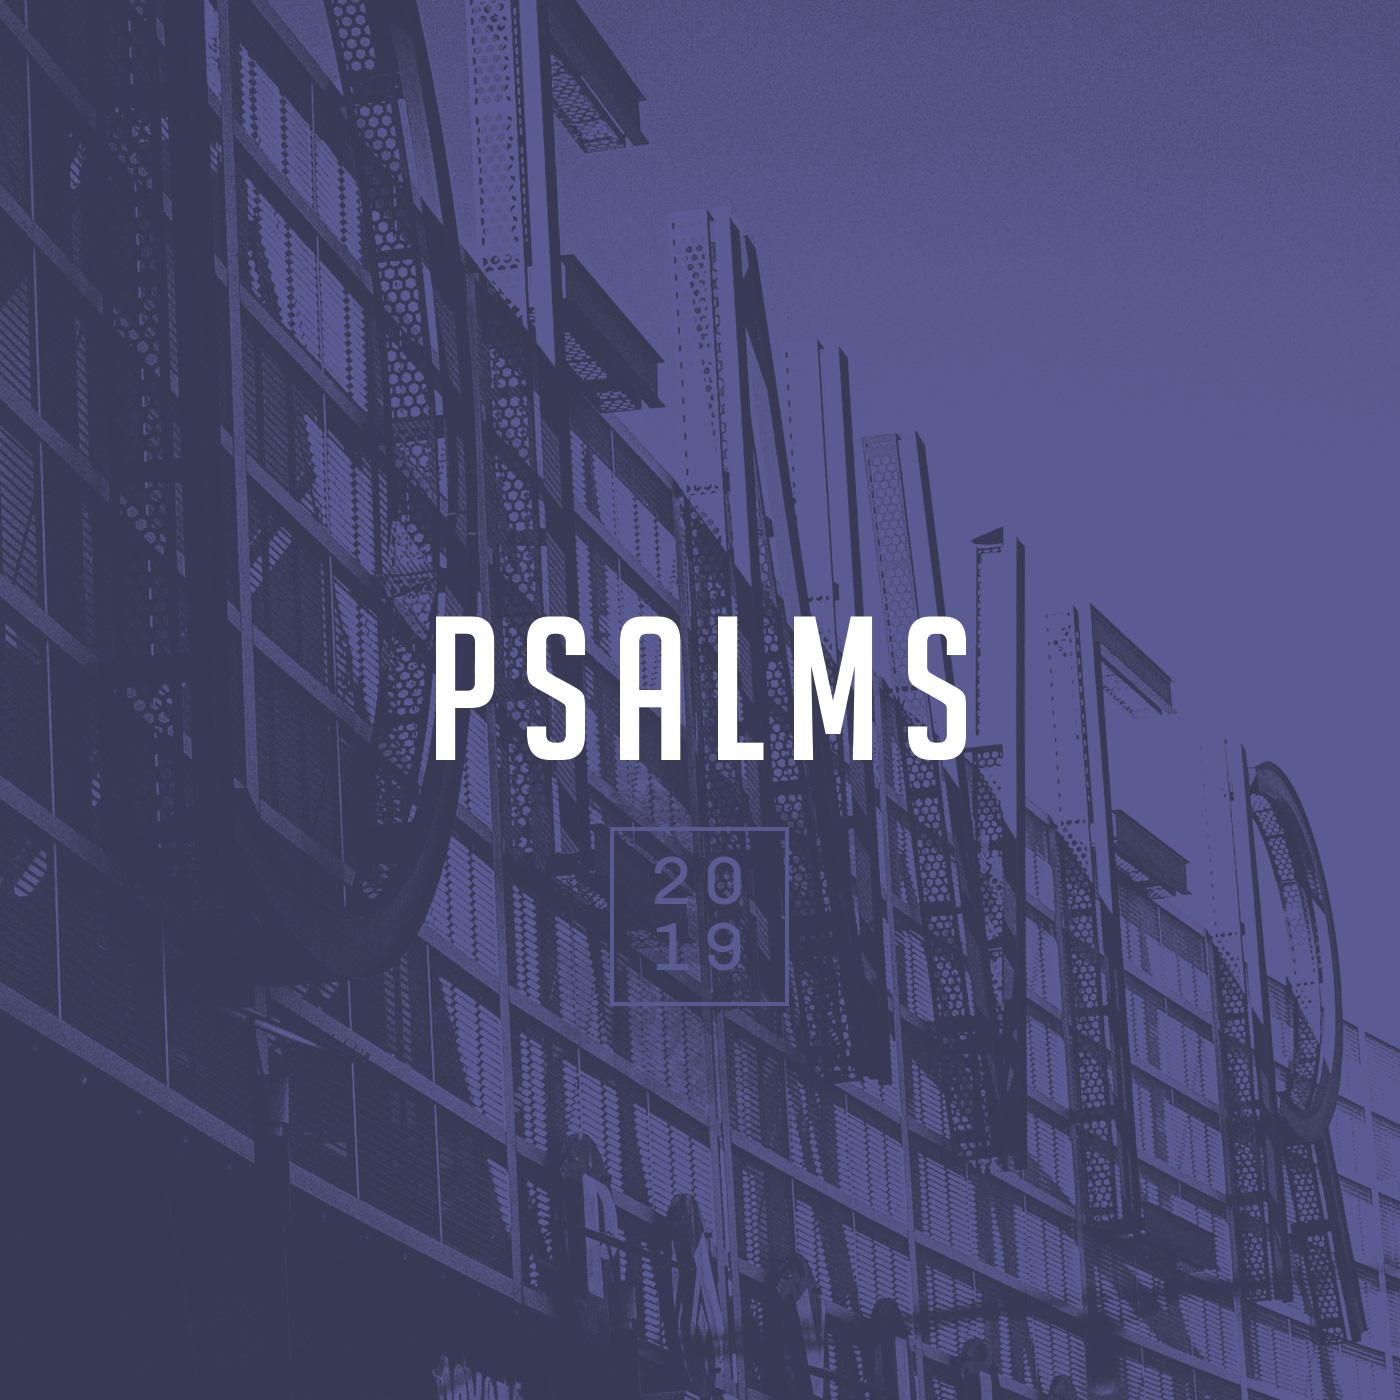 PSALMS 2019